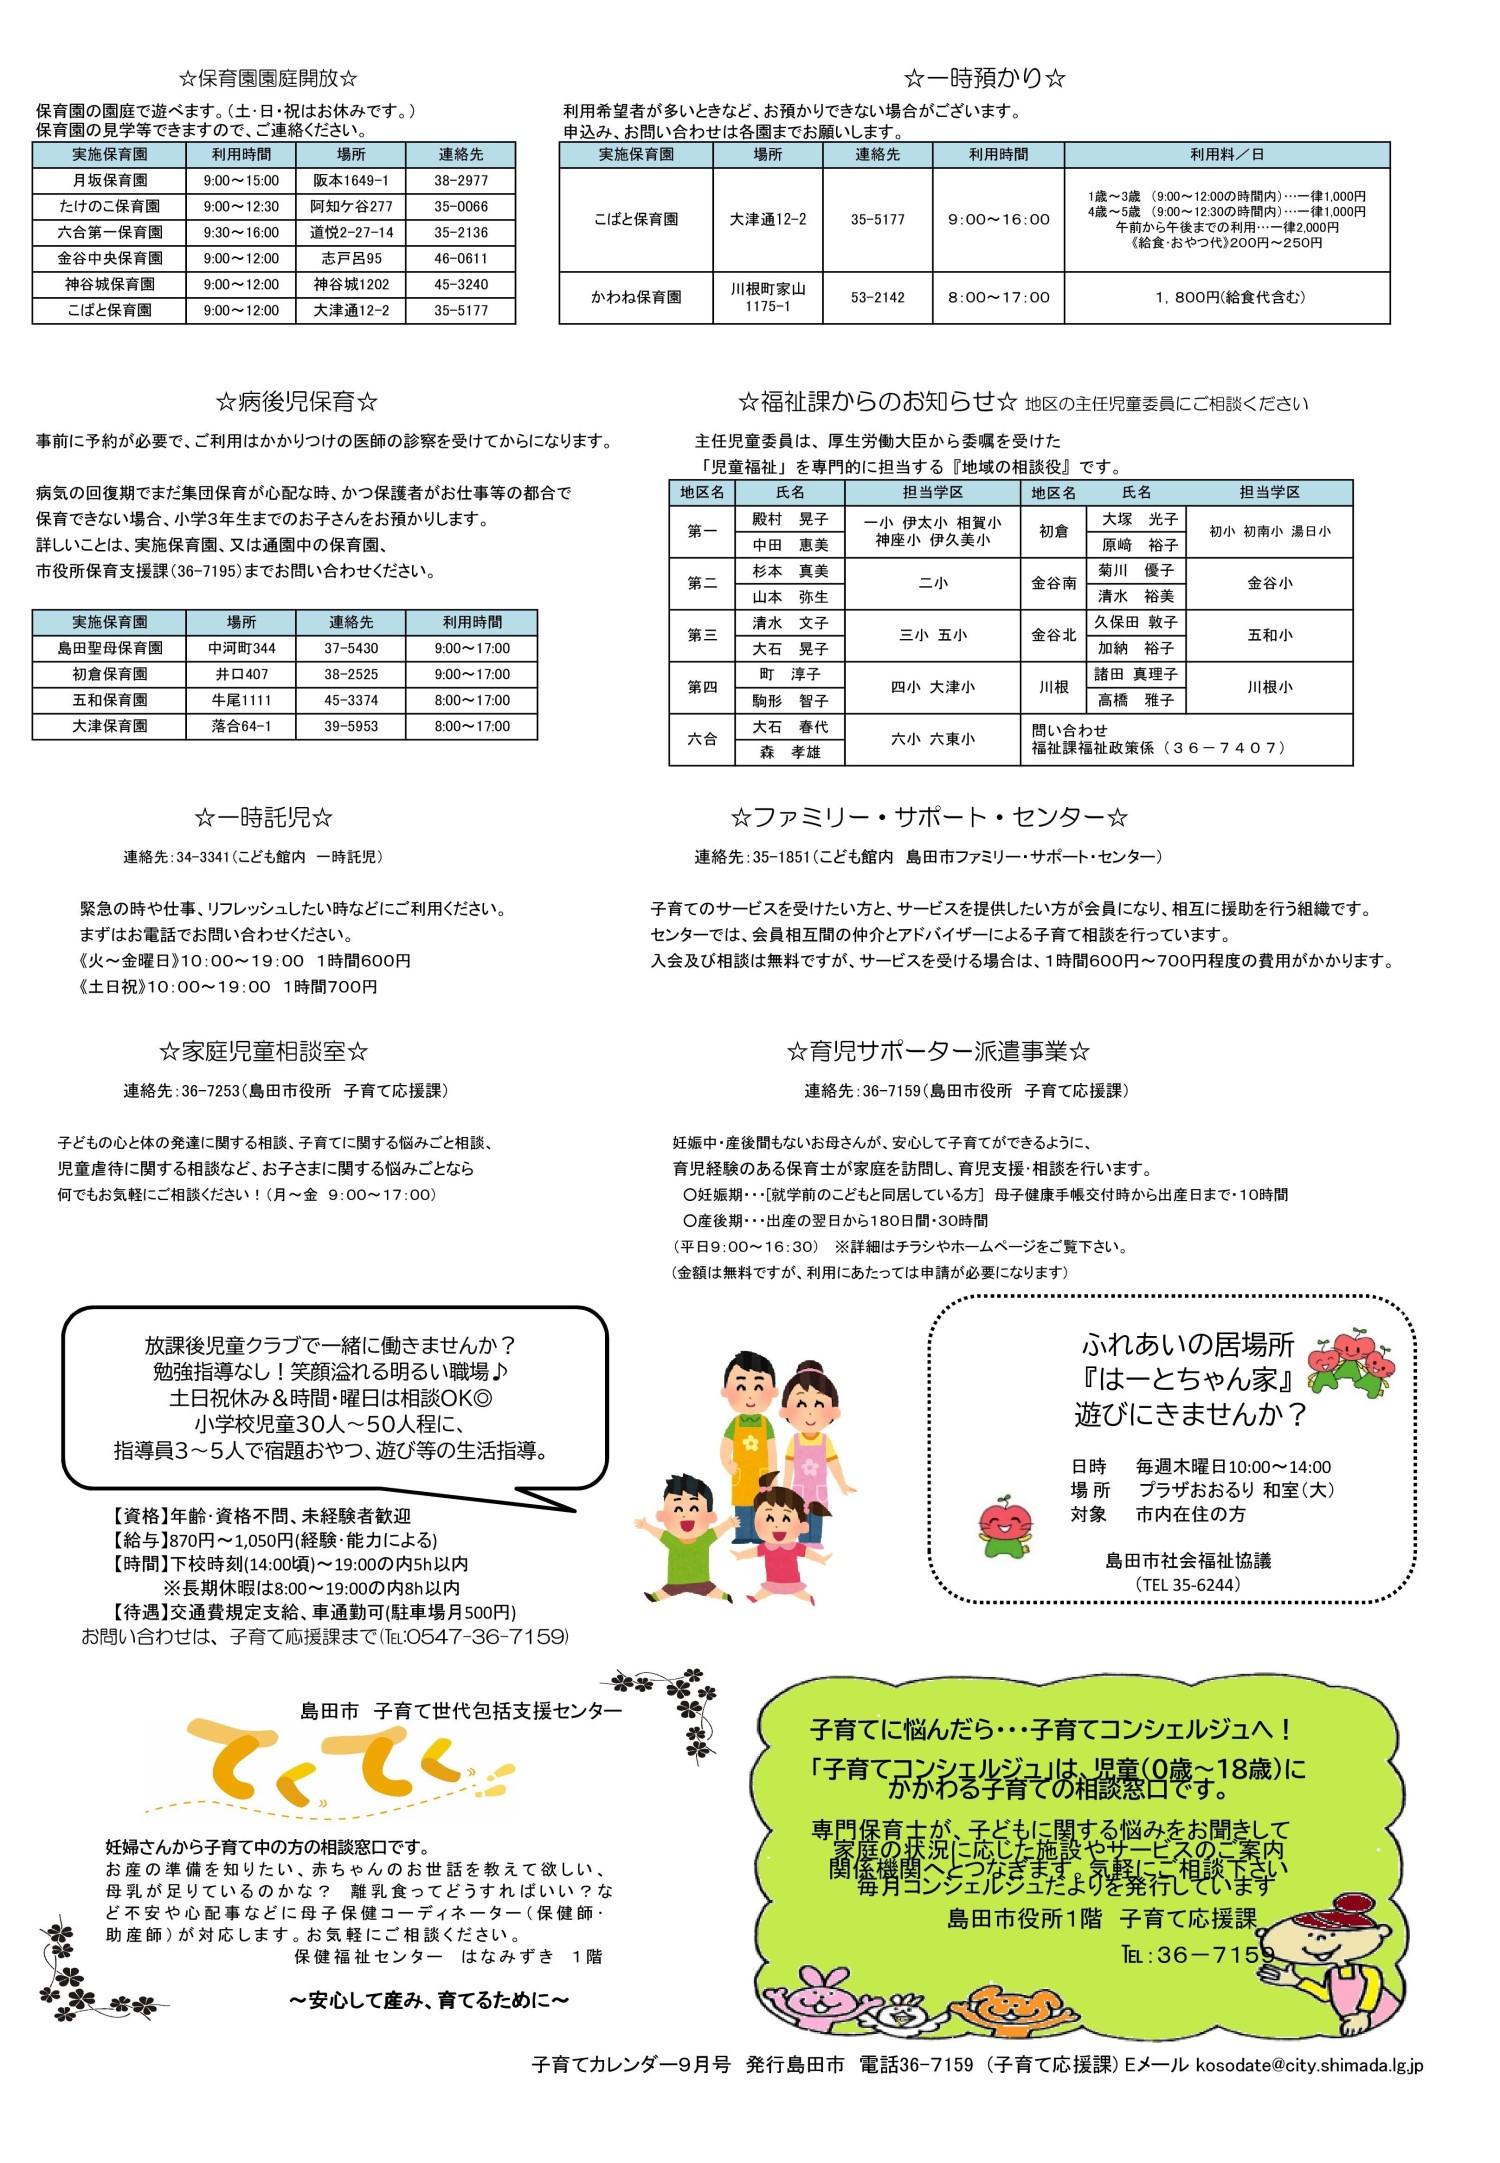 令和元年9月子育てカレンダー-02 - コピー